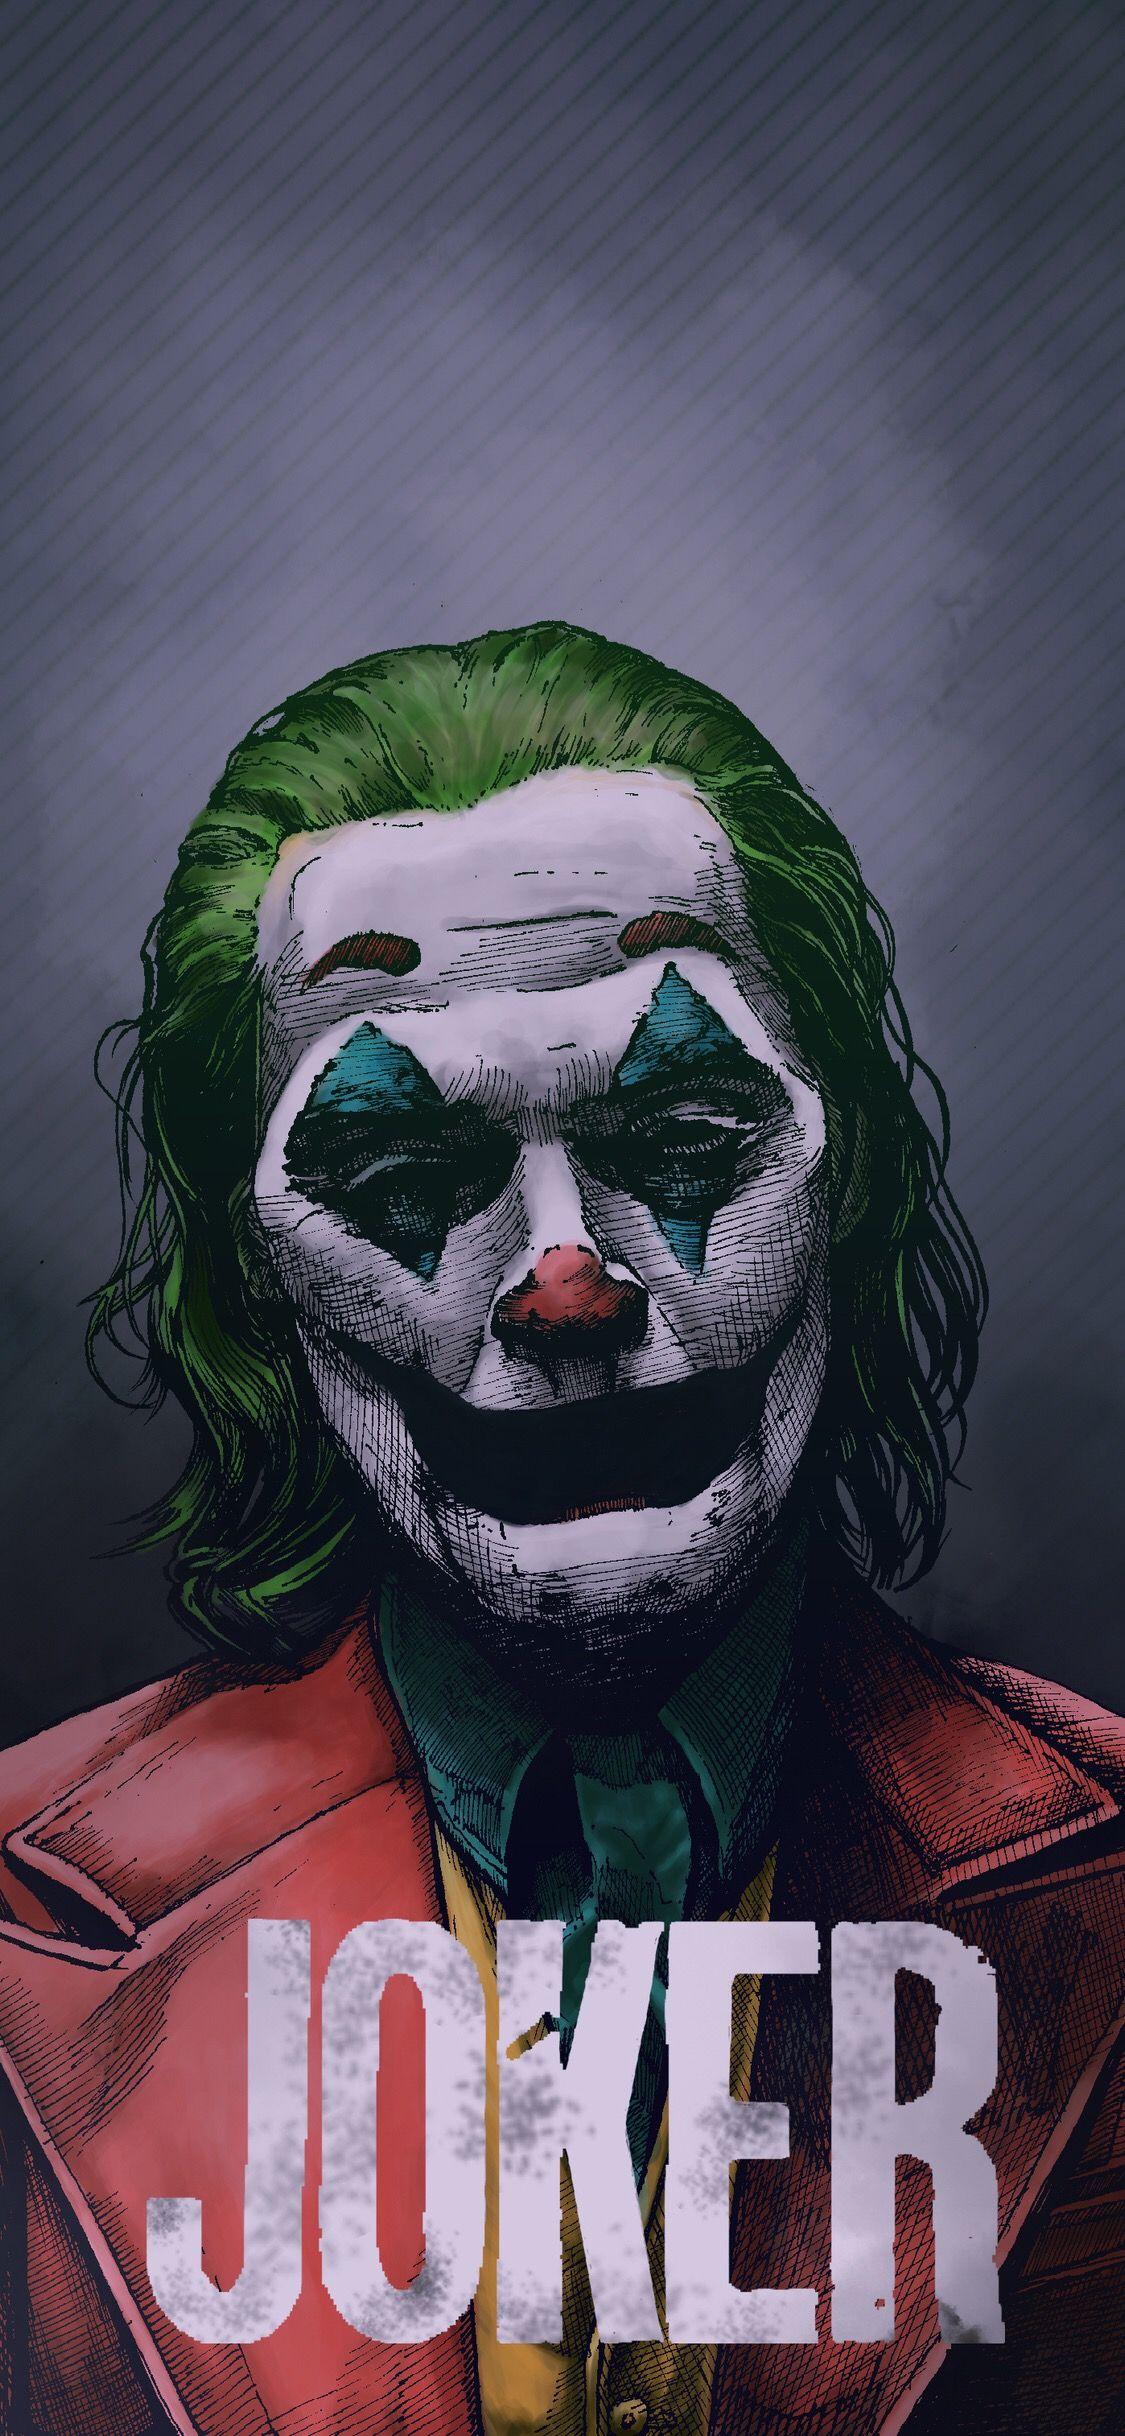 Joker En 2020 Fond D Ecran Joker Joker Fond D Ecran Iphone Joker